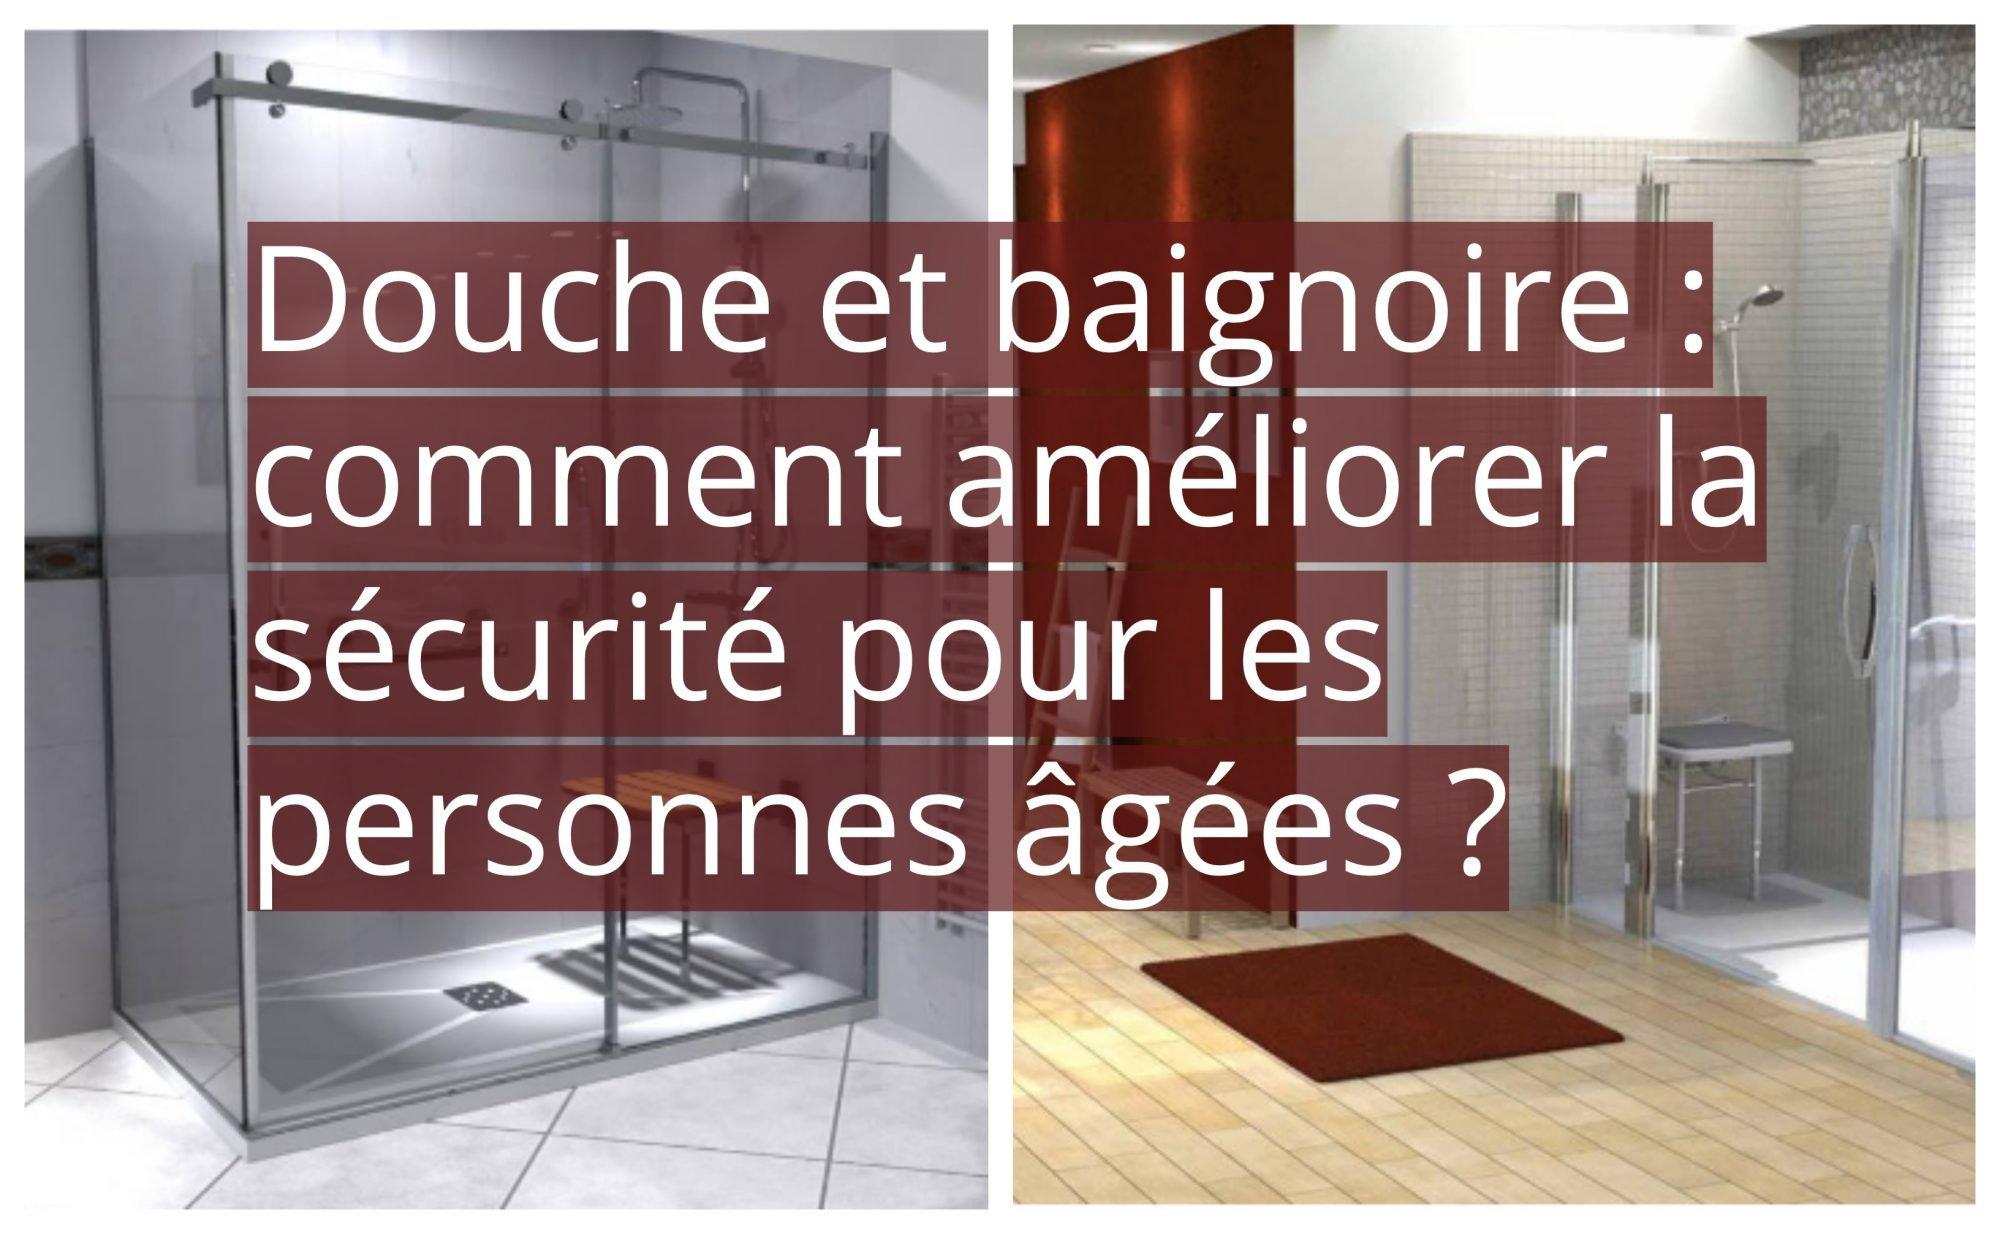 Douche Et Baignoire Comment Ameliorer La Securite Pour Les